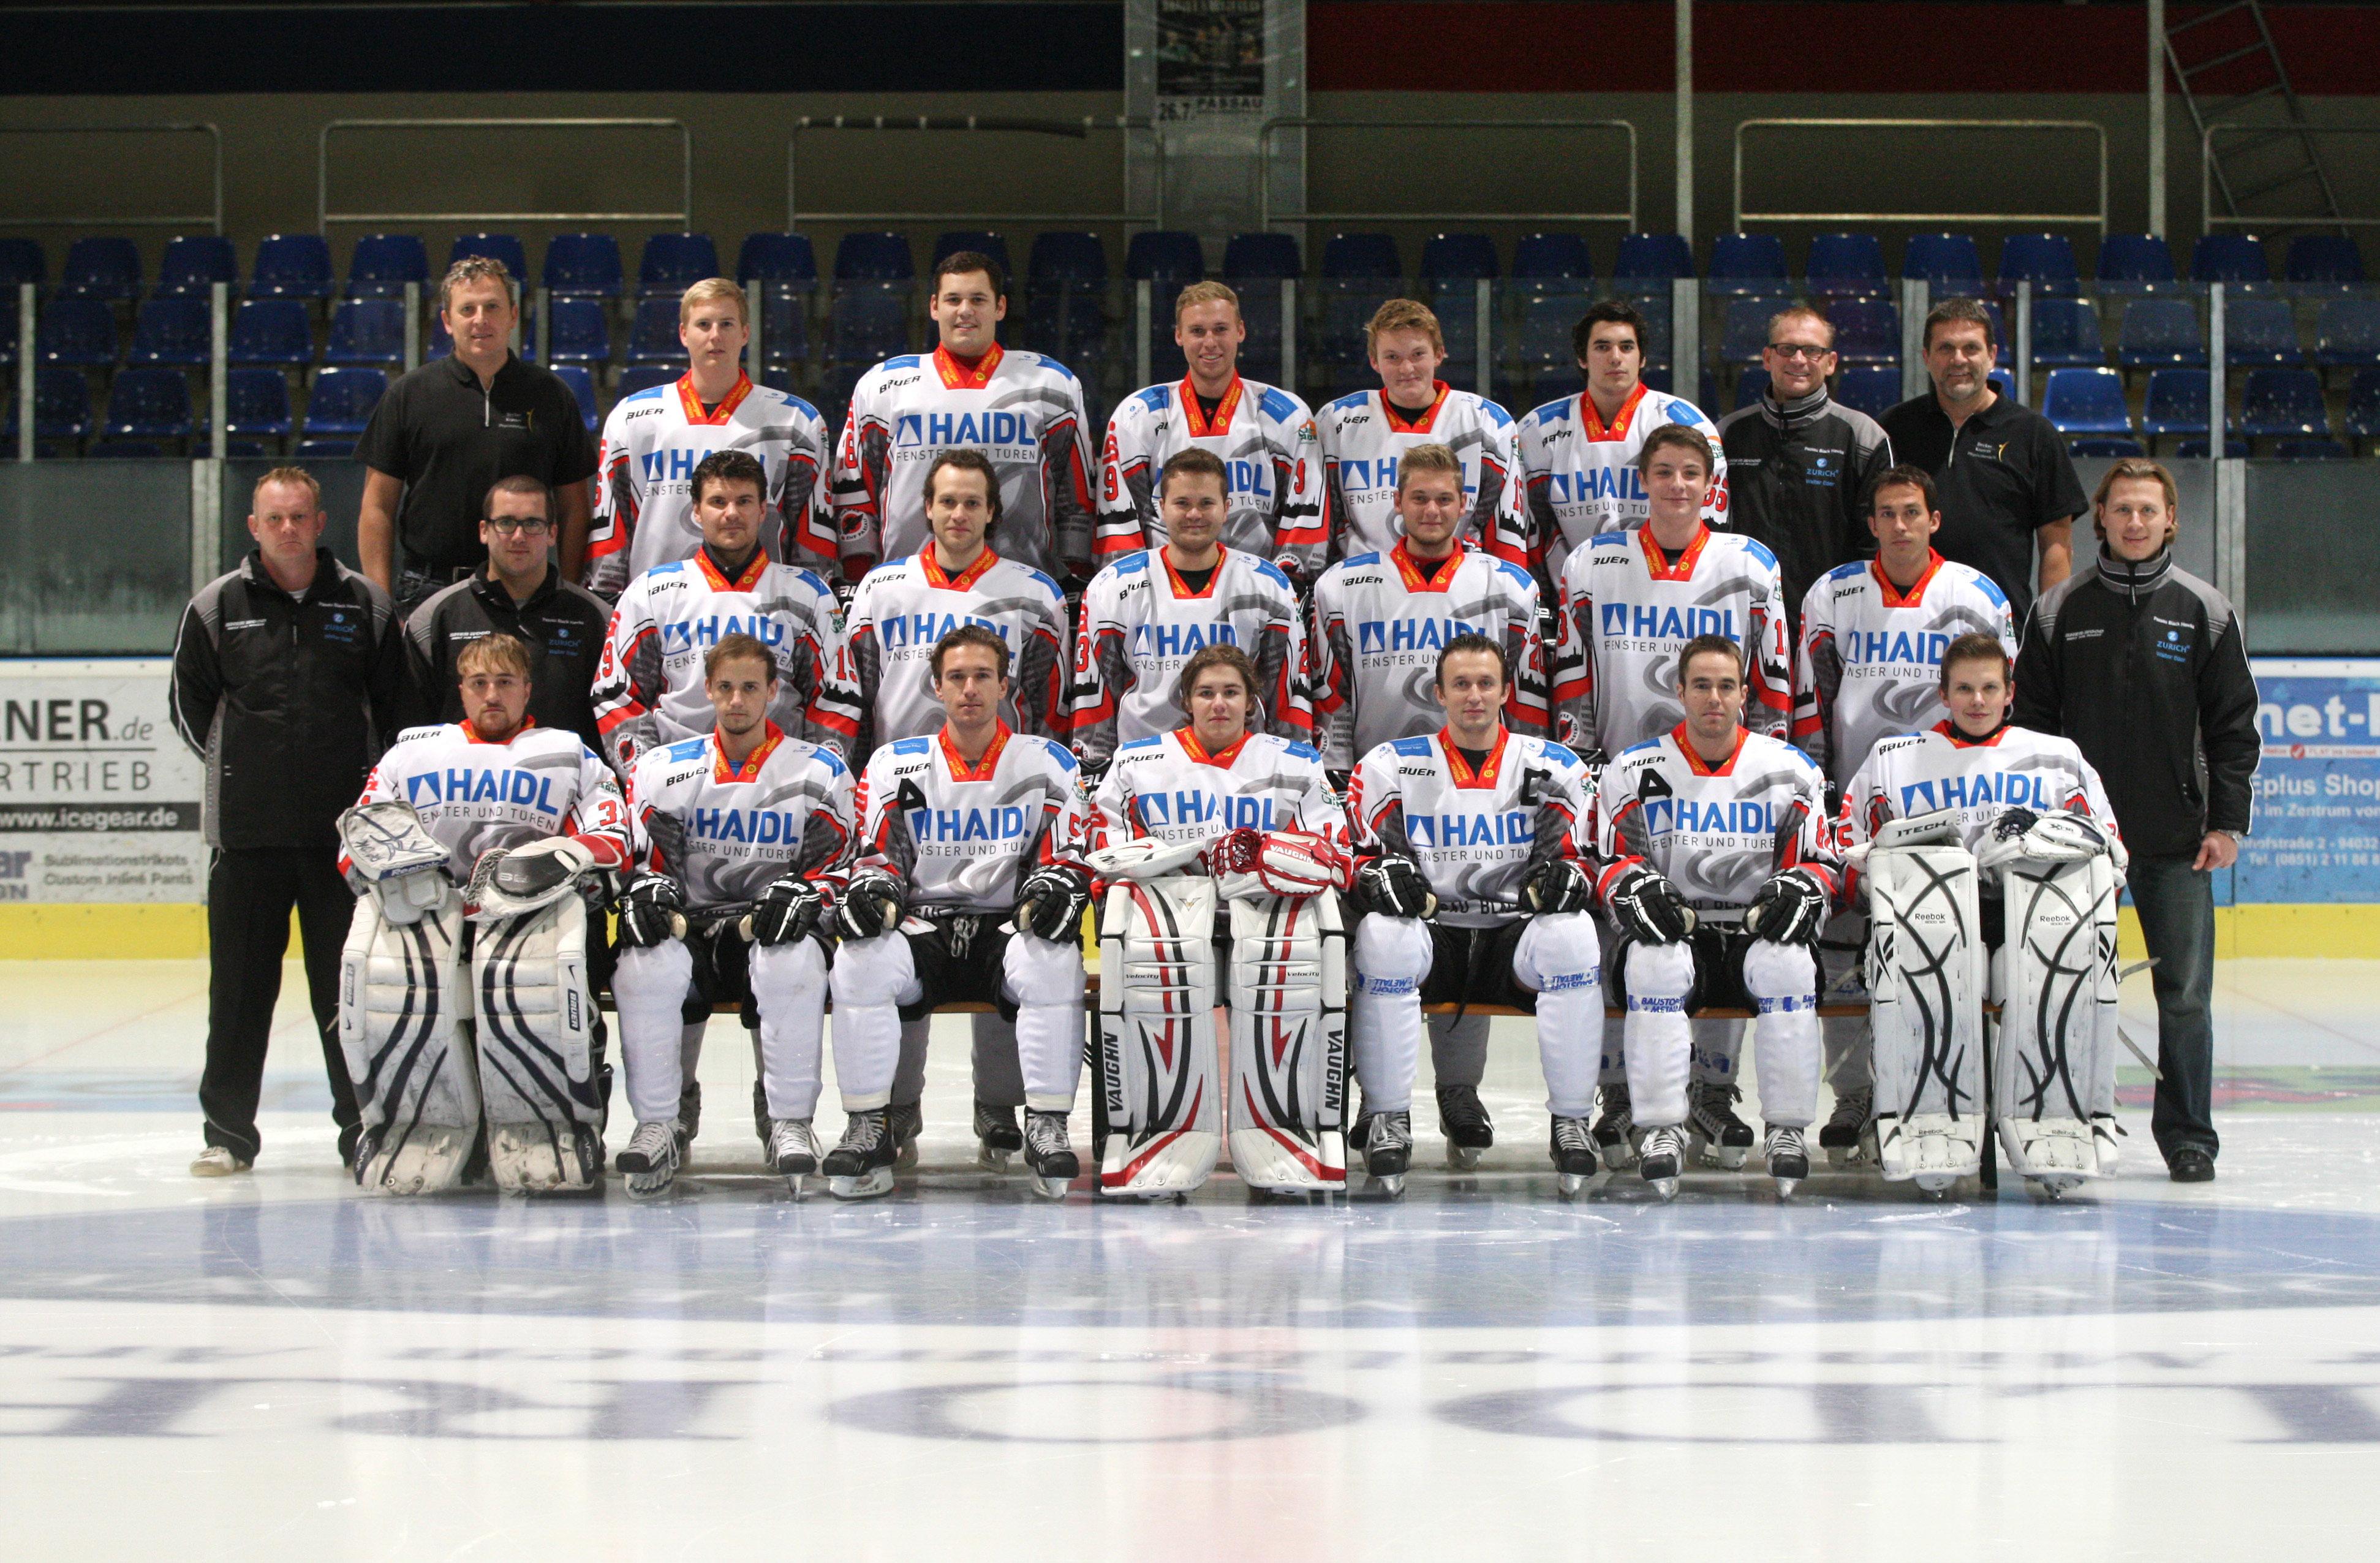 Kader 2012/13 | 1. Eishockey Fanclub Passau e. V.